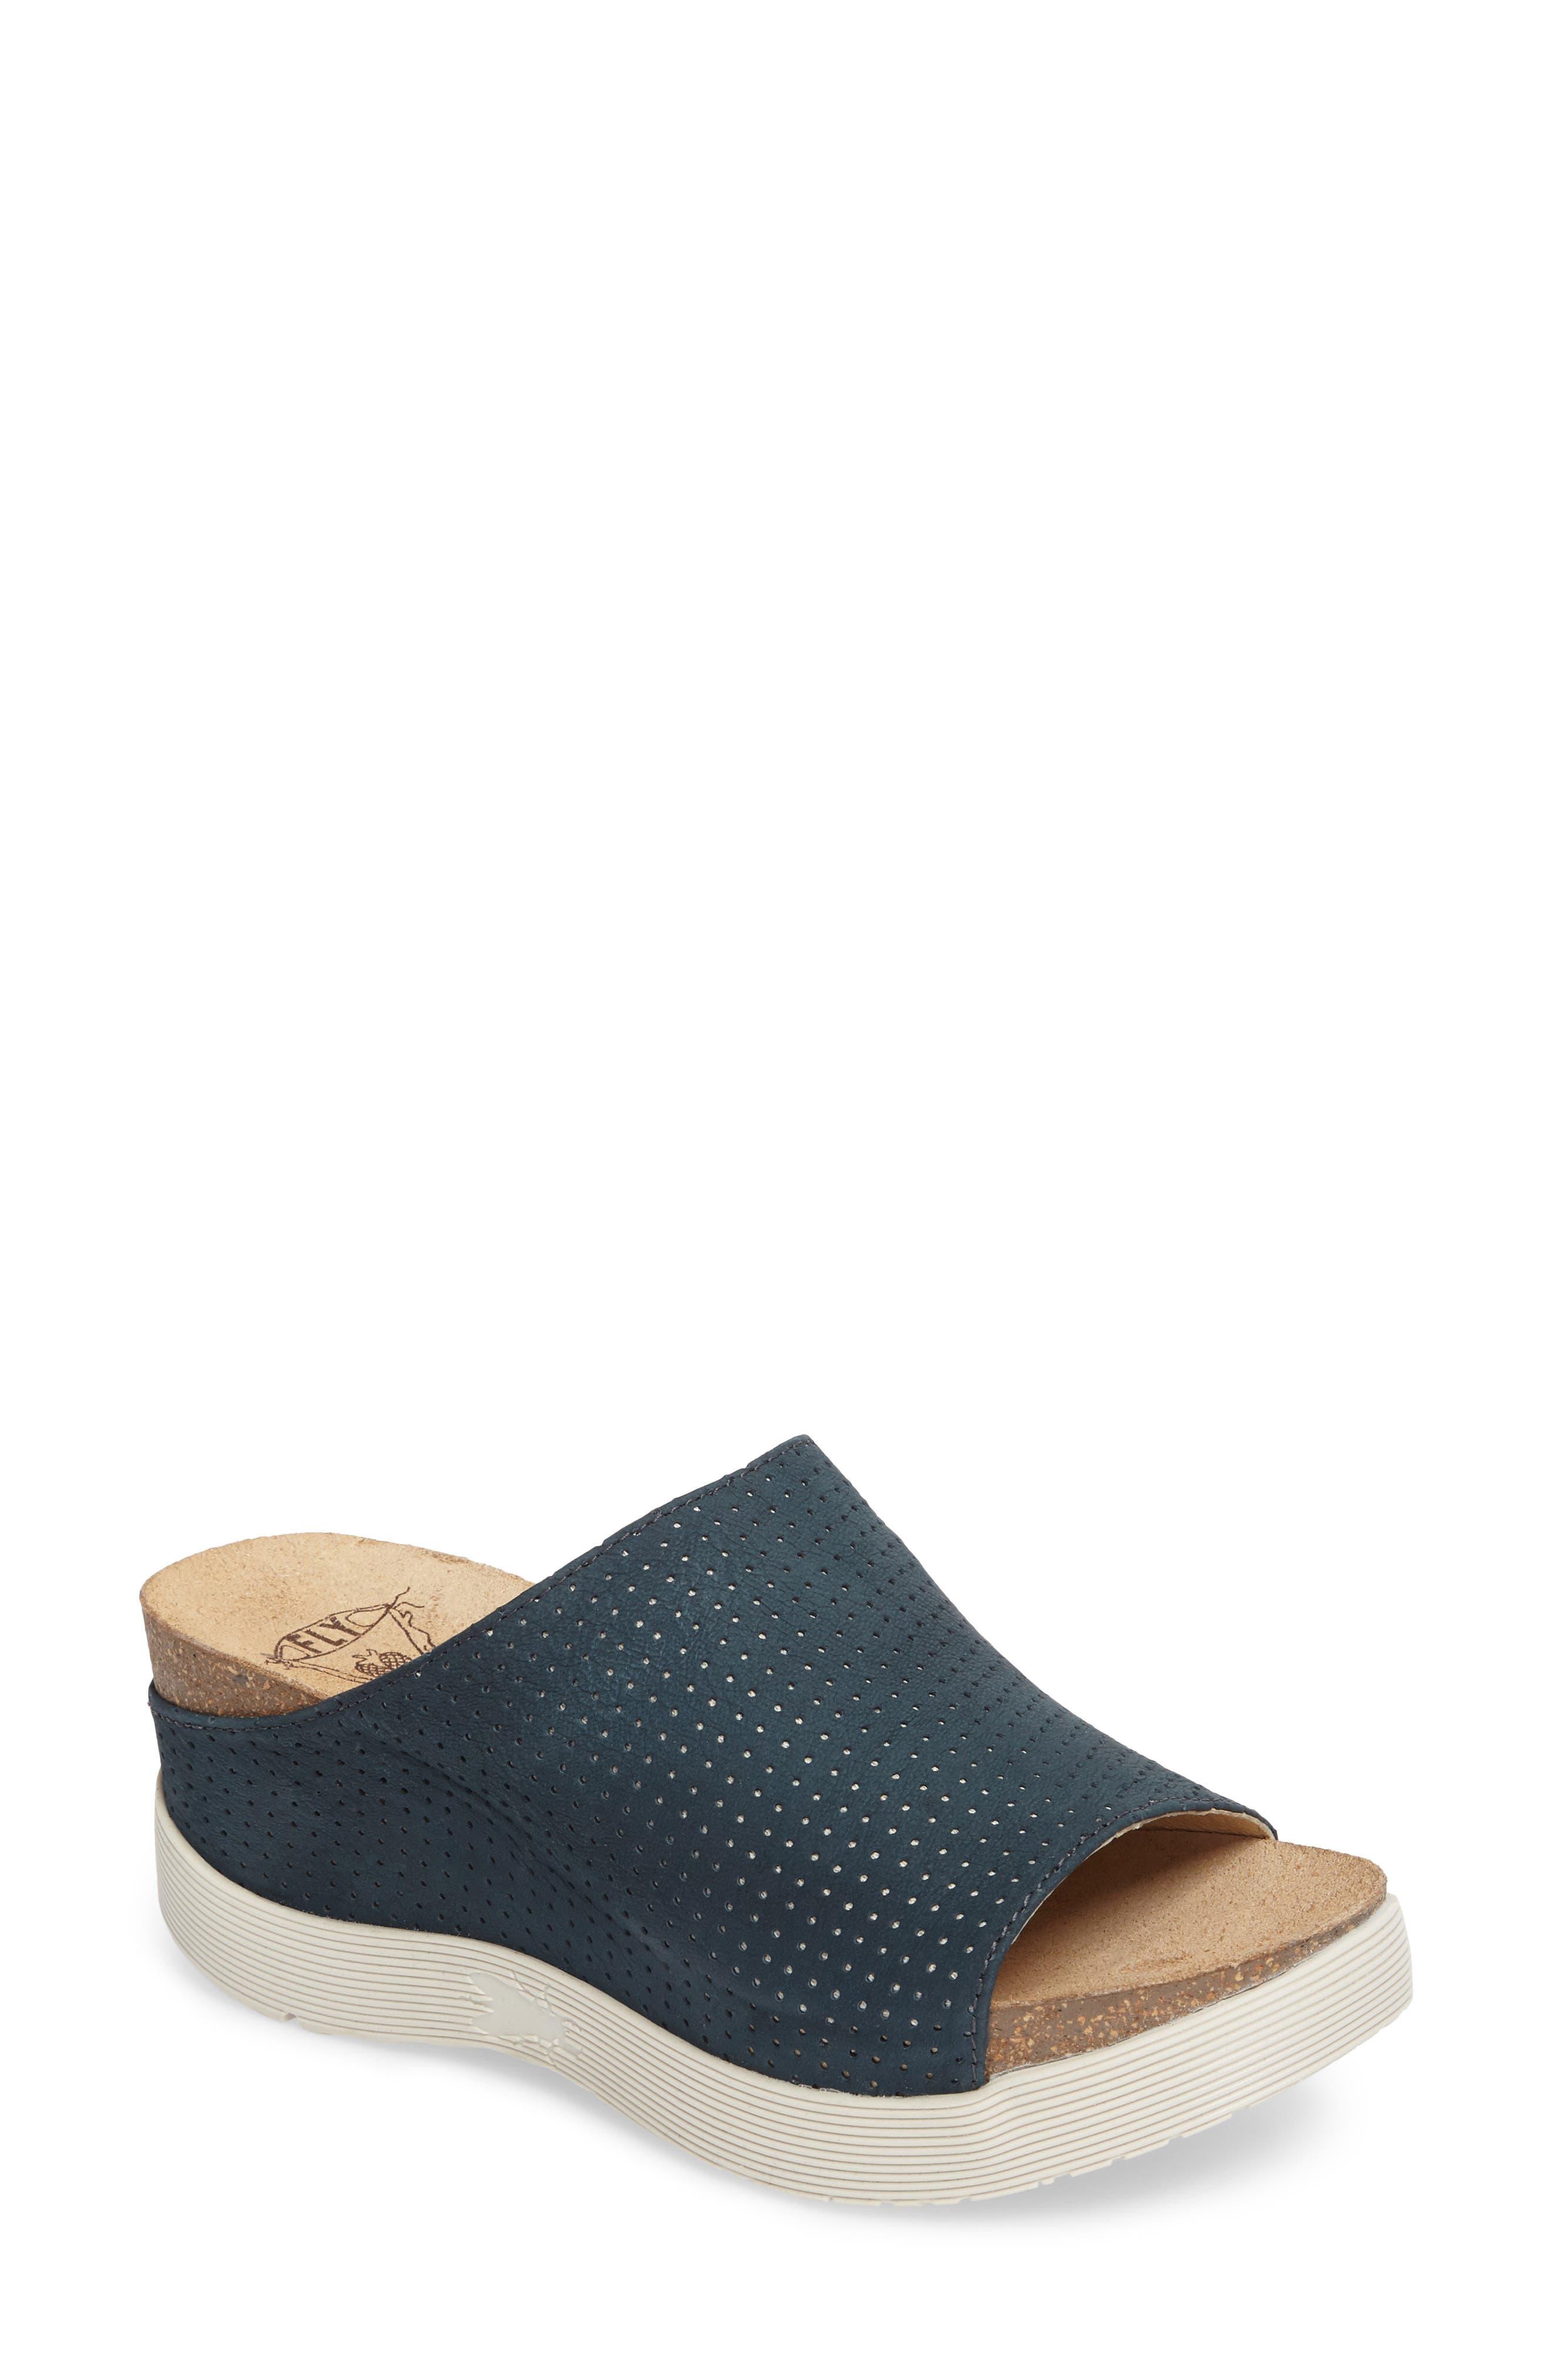 Fly London Whin Platform Sandal - Blue